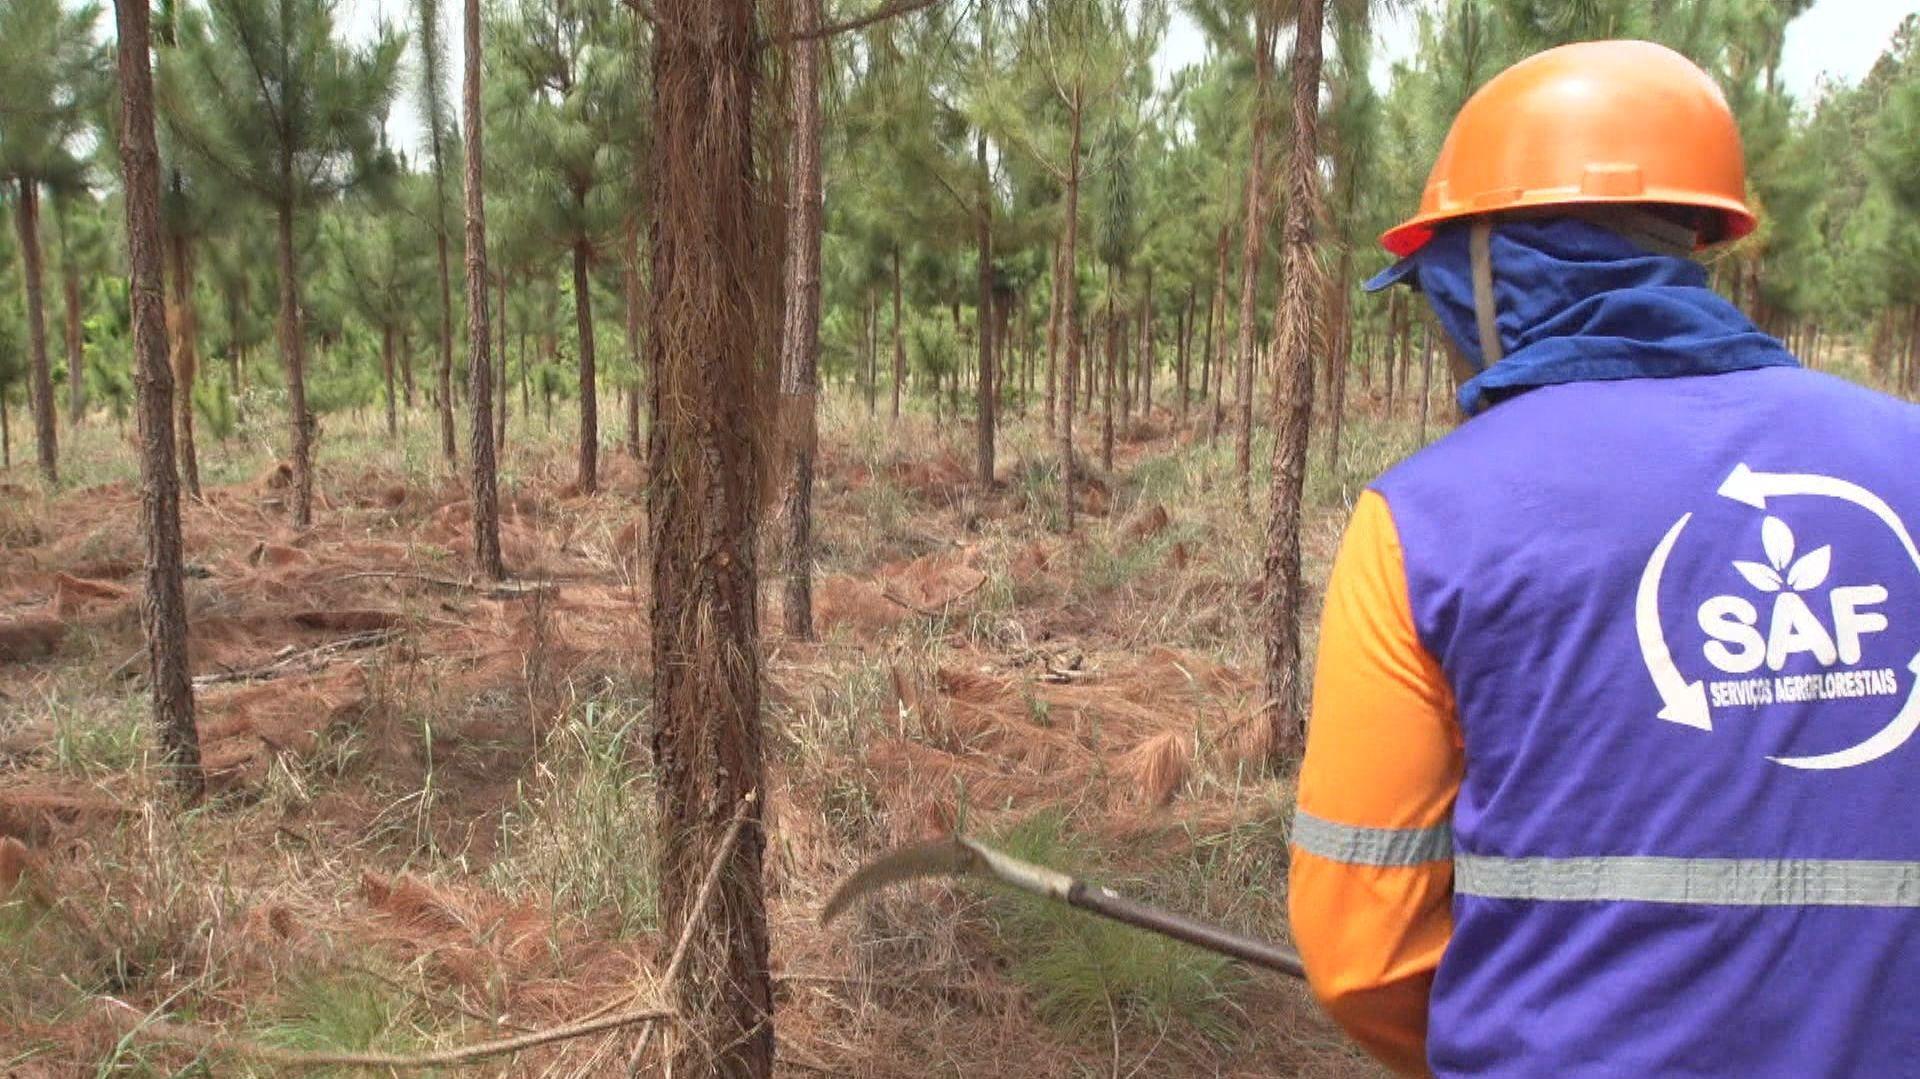 Pflege des Kiefernwaldes in Prata, Brasilien